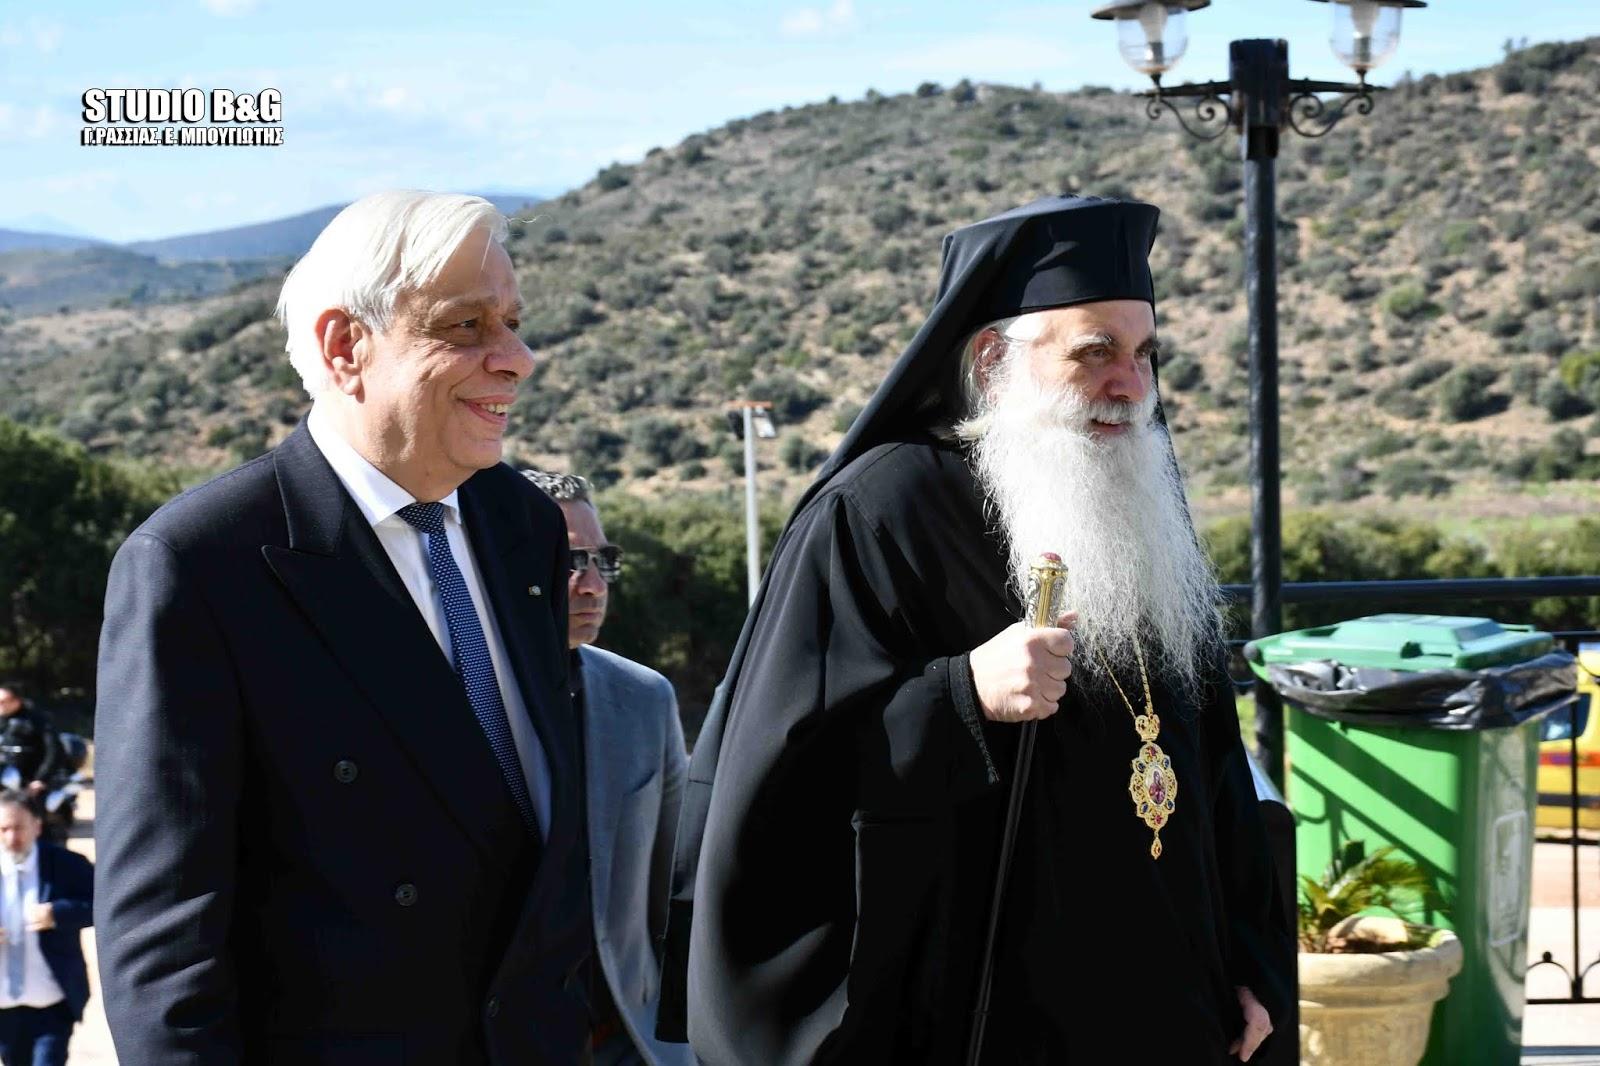 Το Ναύπλιο εόρτασε τον Πολιούχο του Άγιο Αναστάσιο παρουσία του Προέδρου της Δημοκρατίας